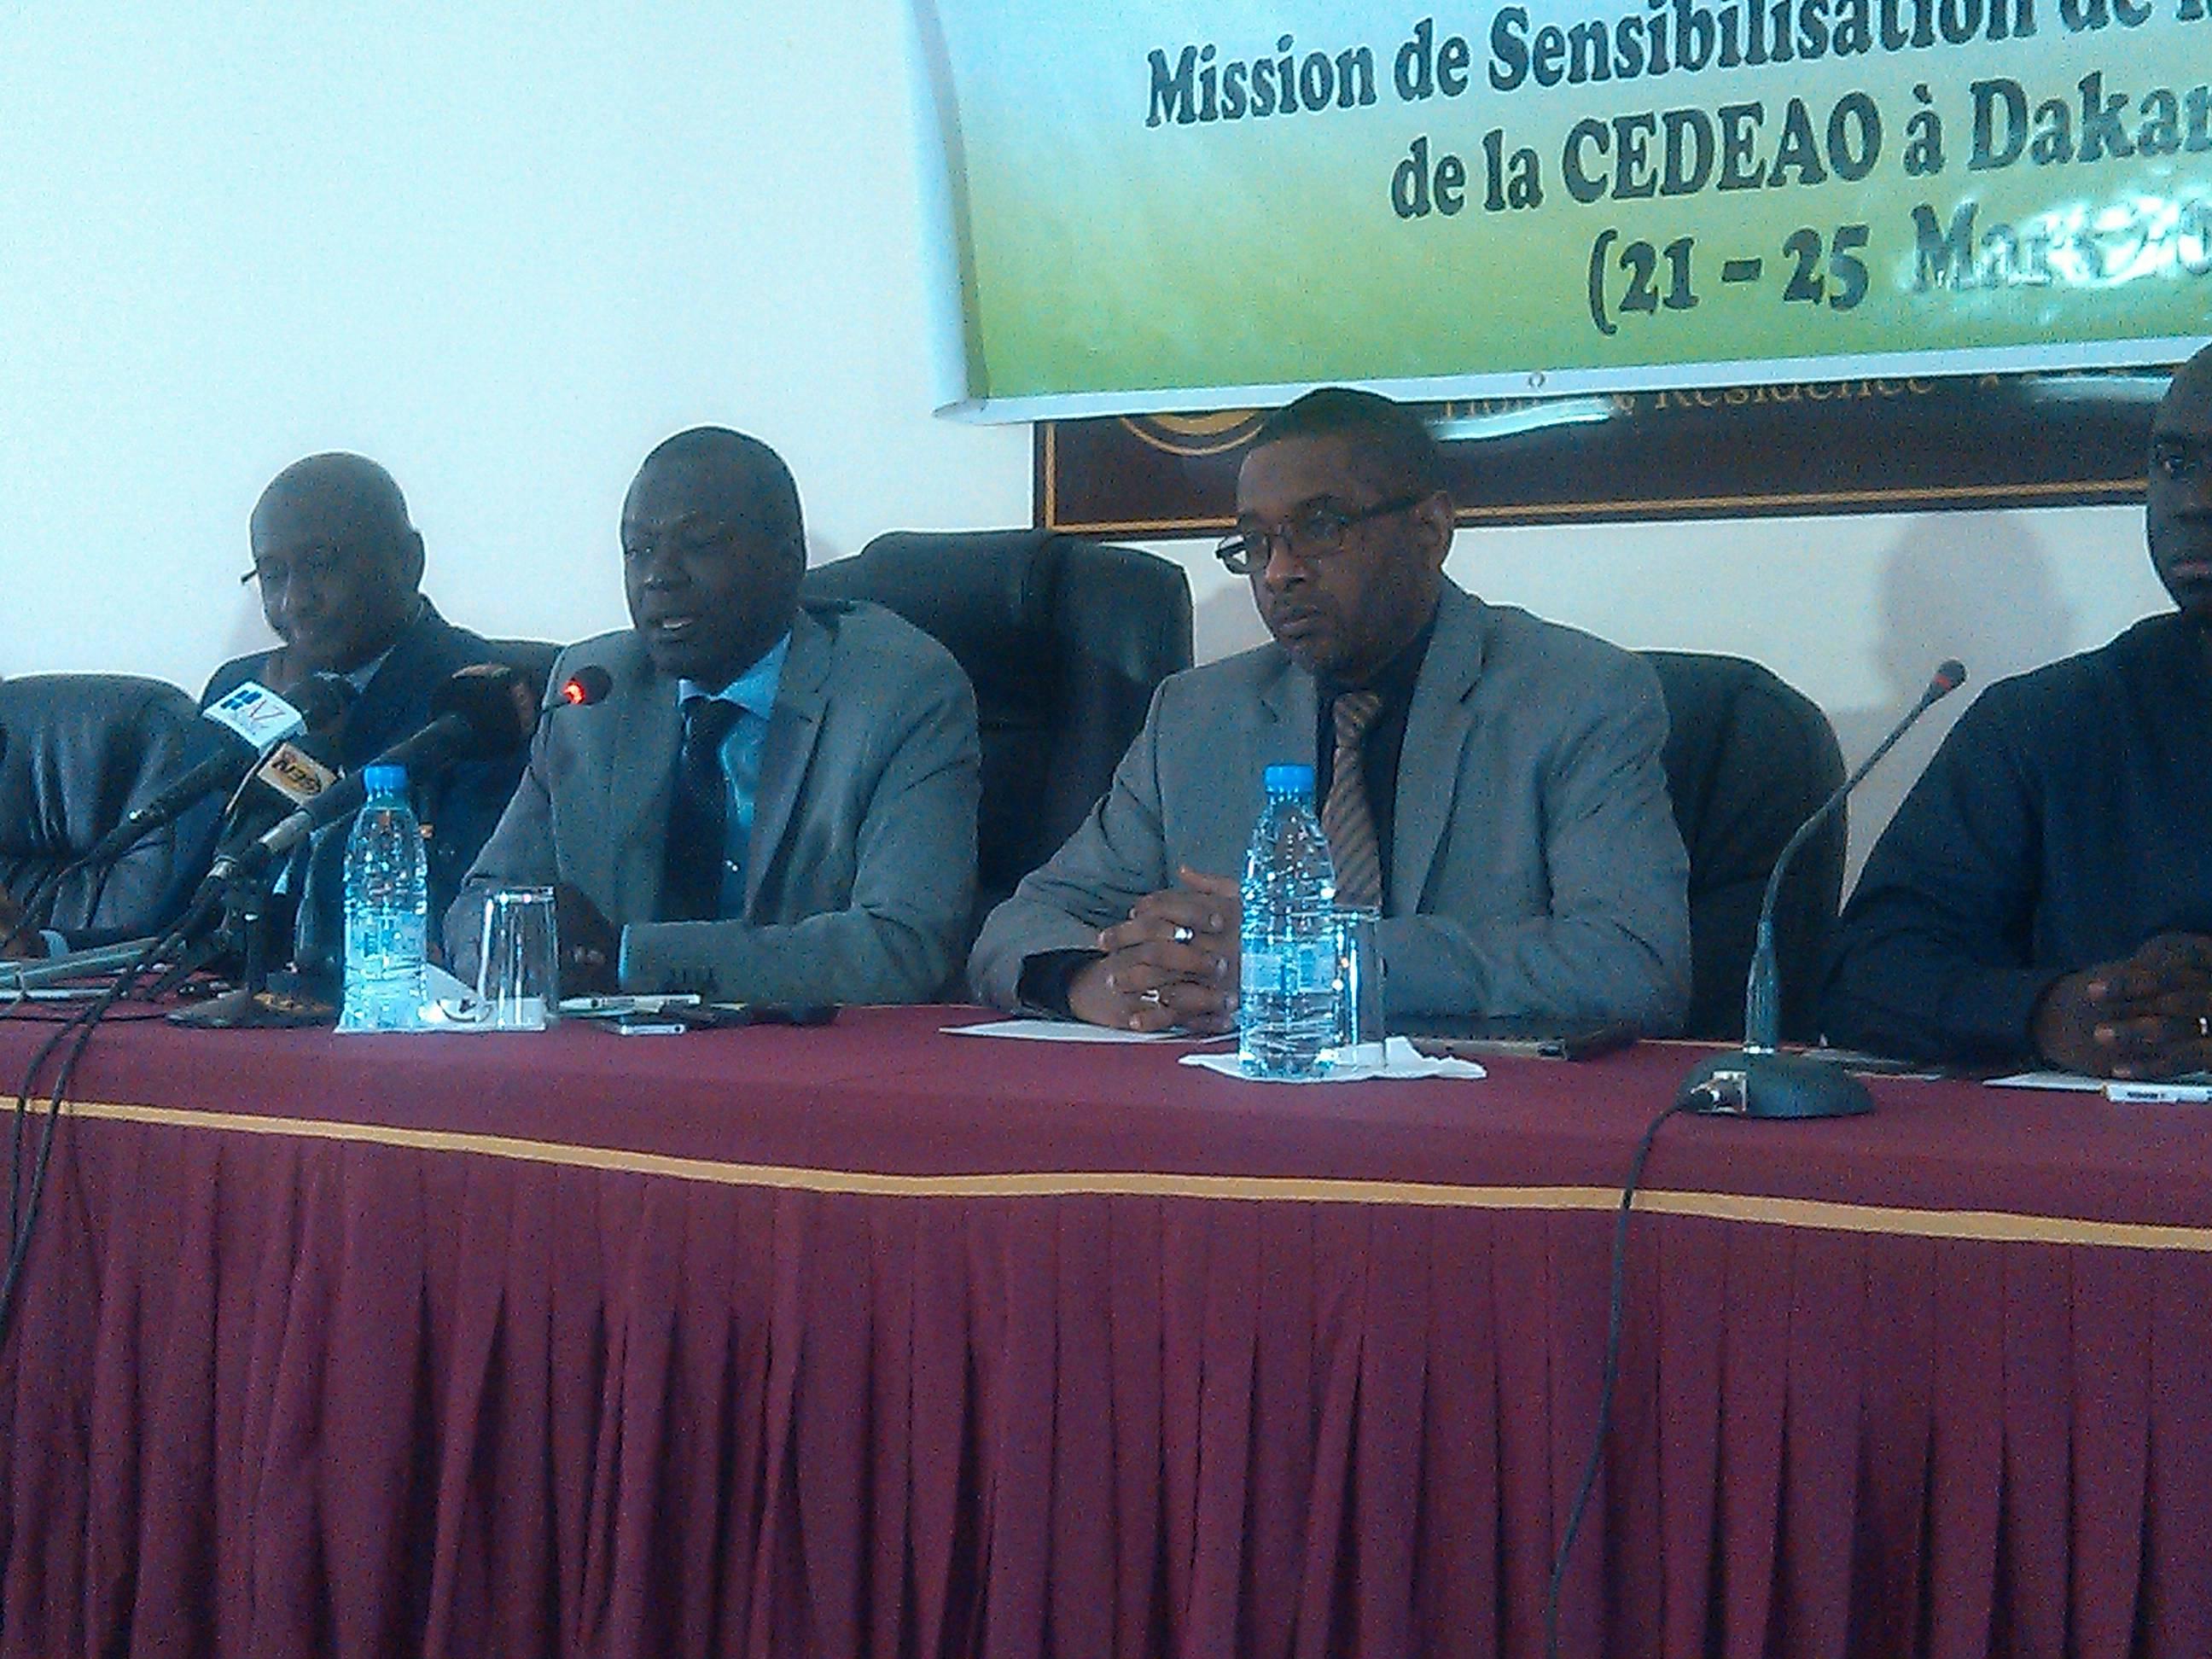 Responsabilité de la Cedeao sur les questions pénales au sein des pays membres : le juge Alioune Sall s'explique